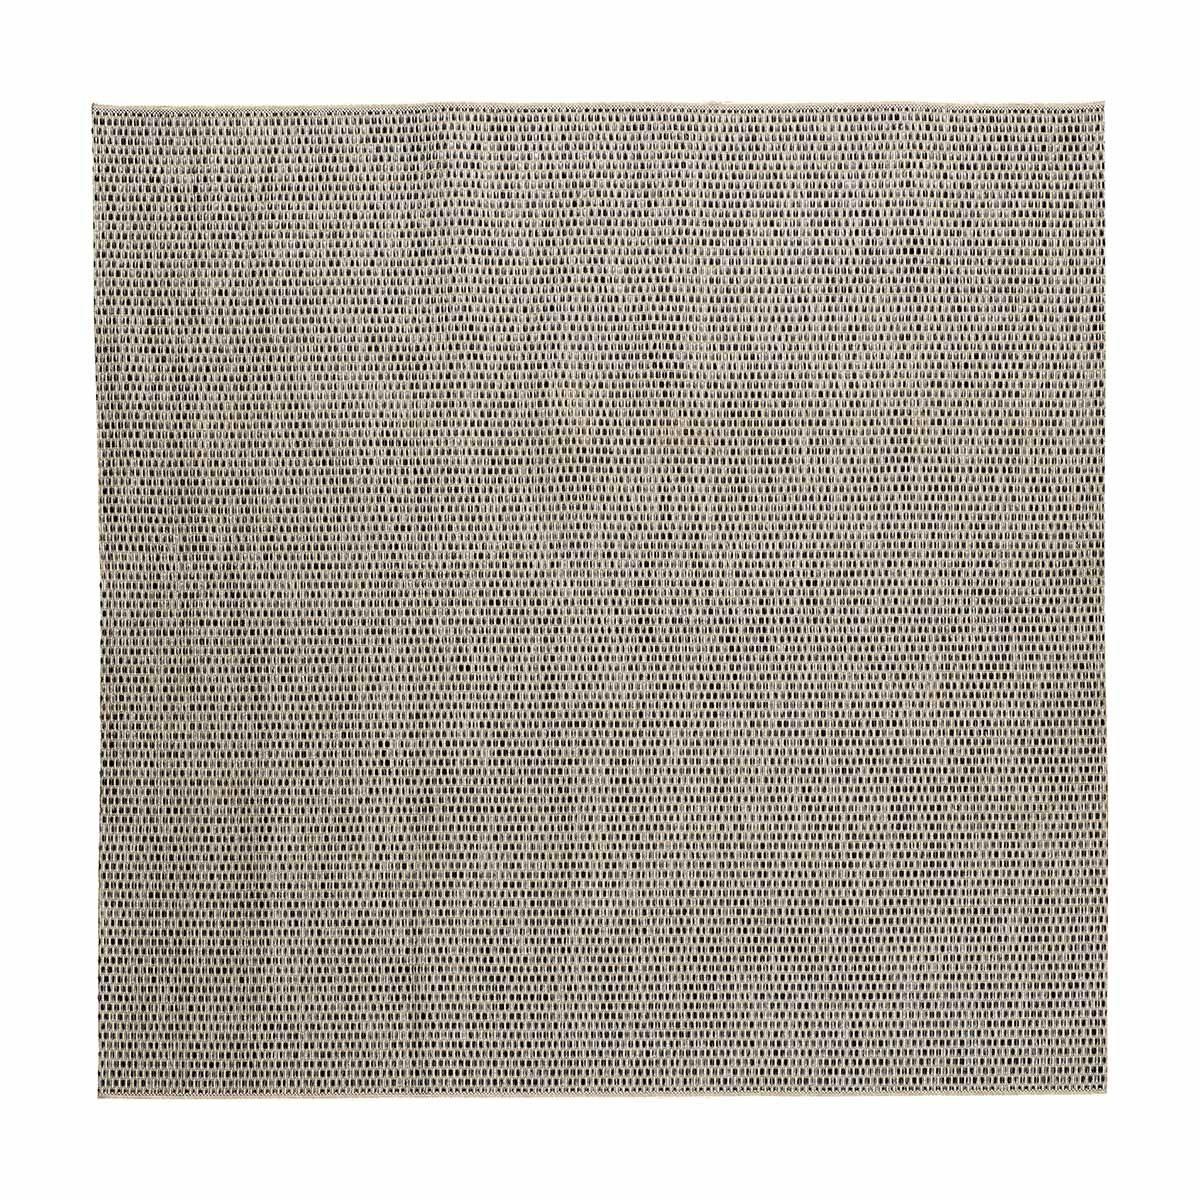 Elvas matta från Brafab i en gråblå ton.